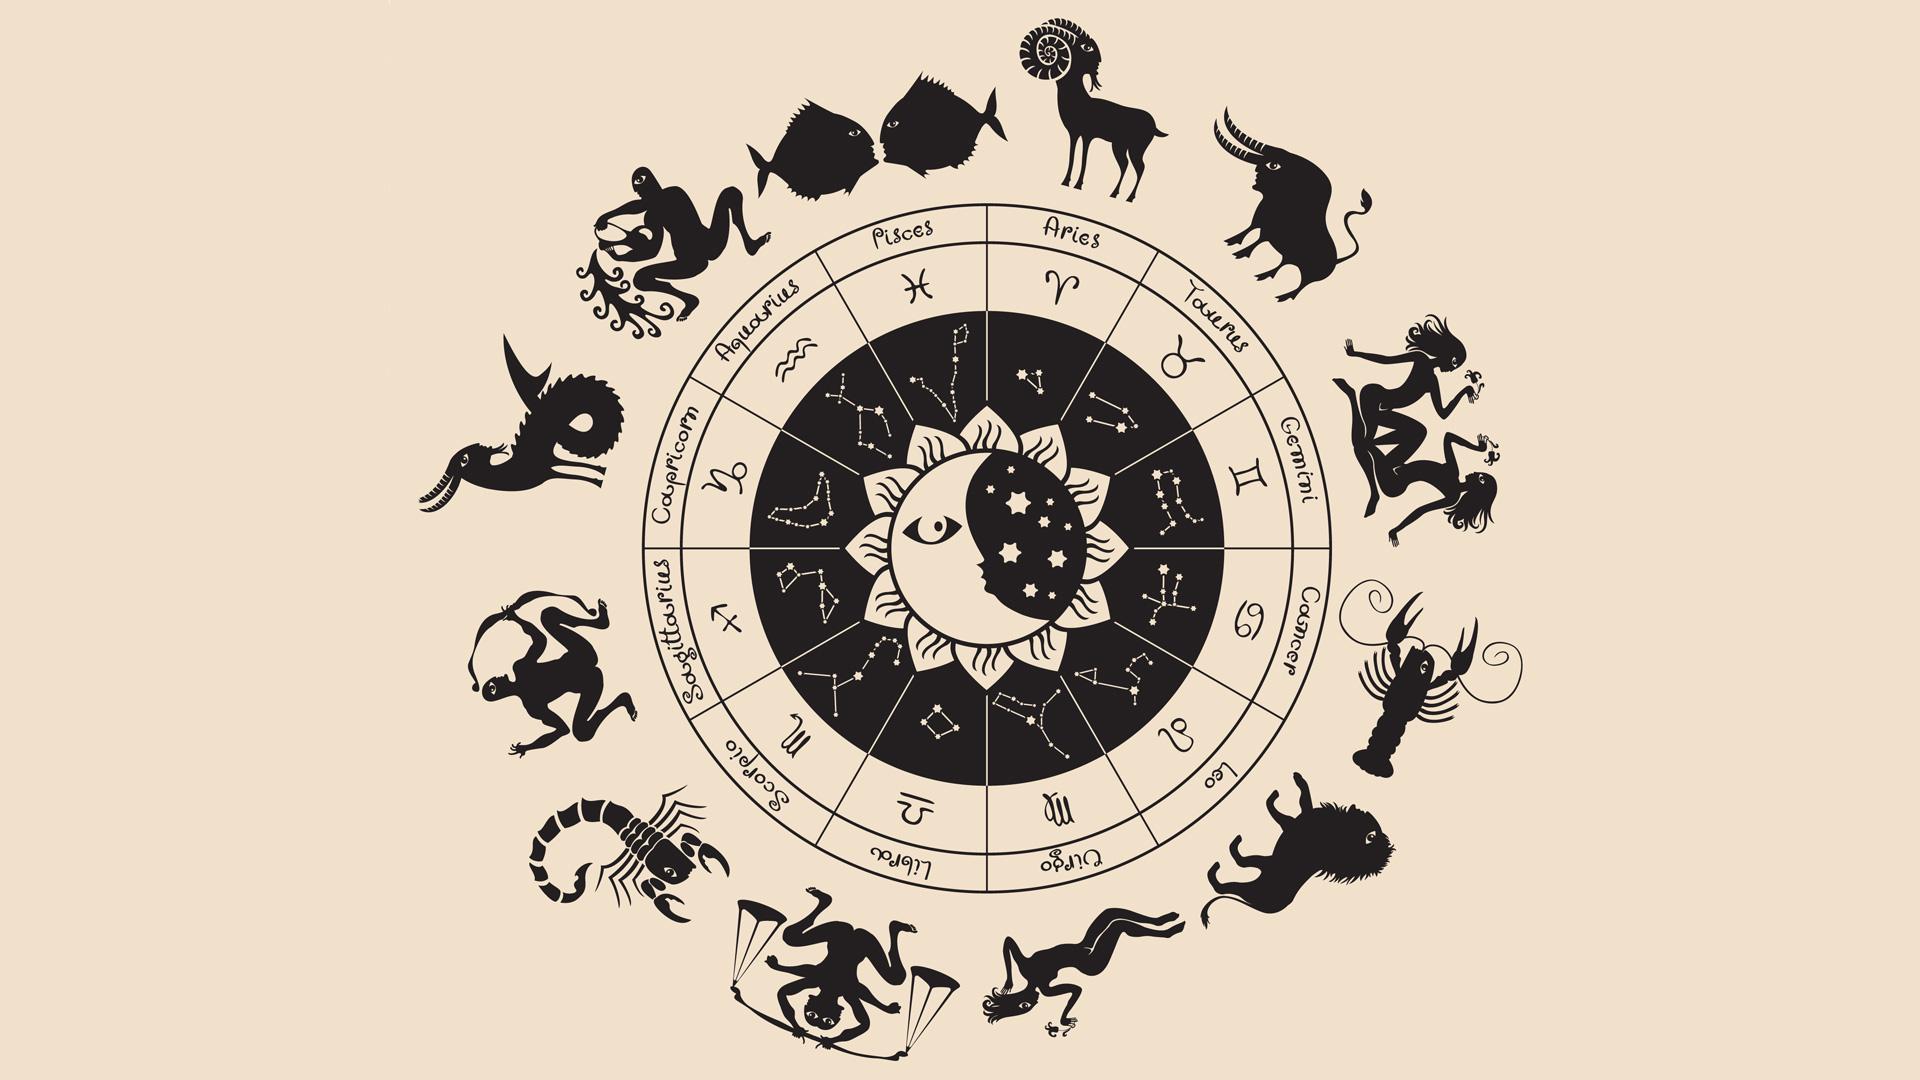 Univision Horoscopos Tauro View Image